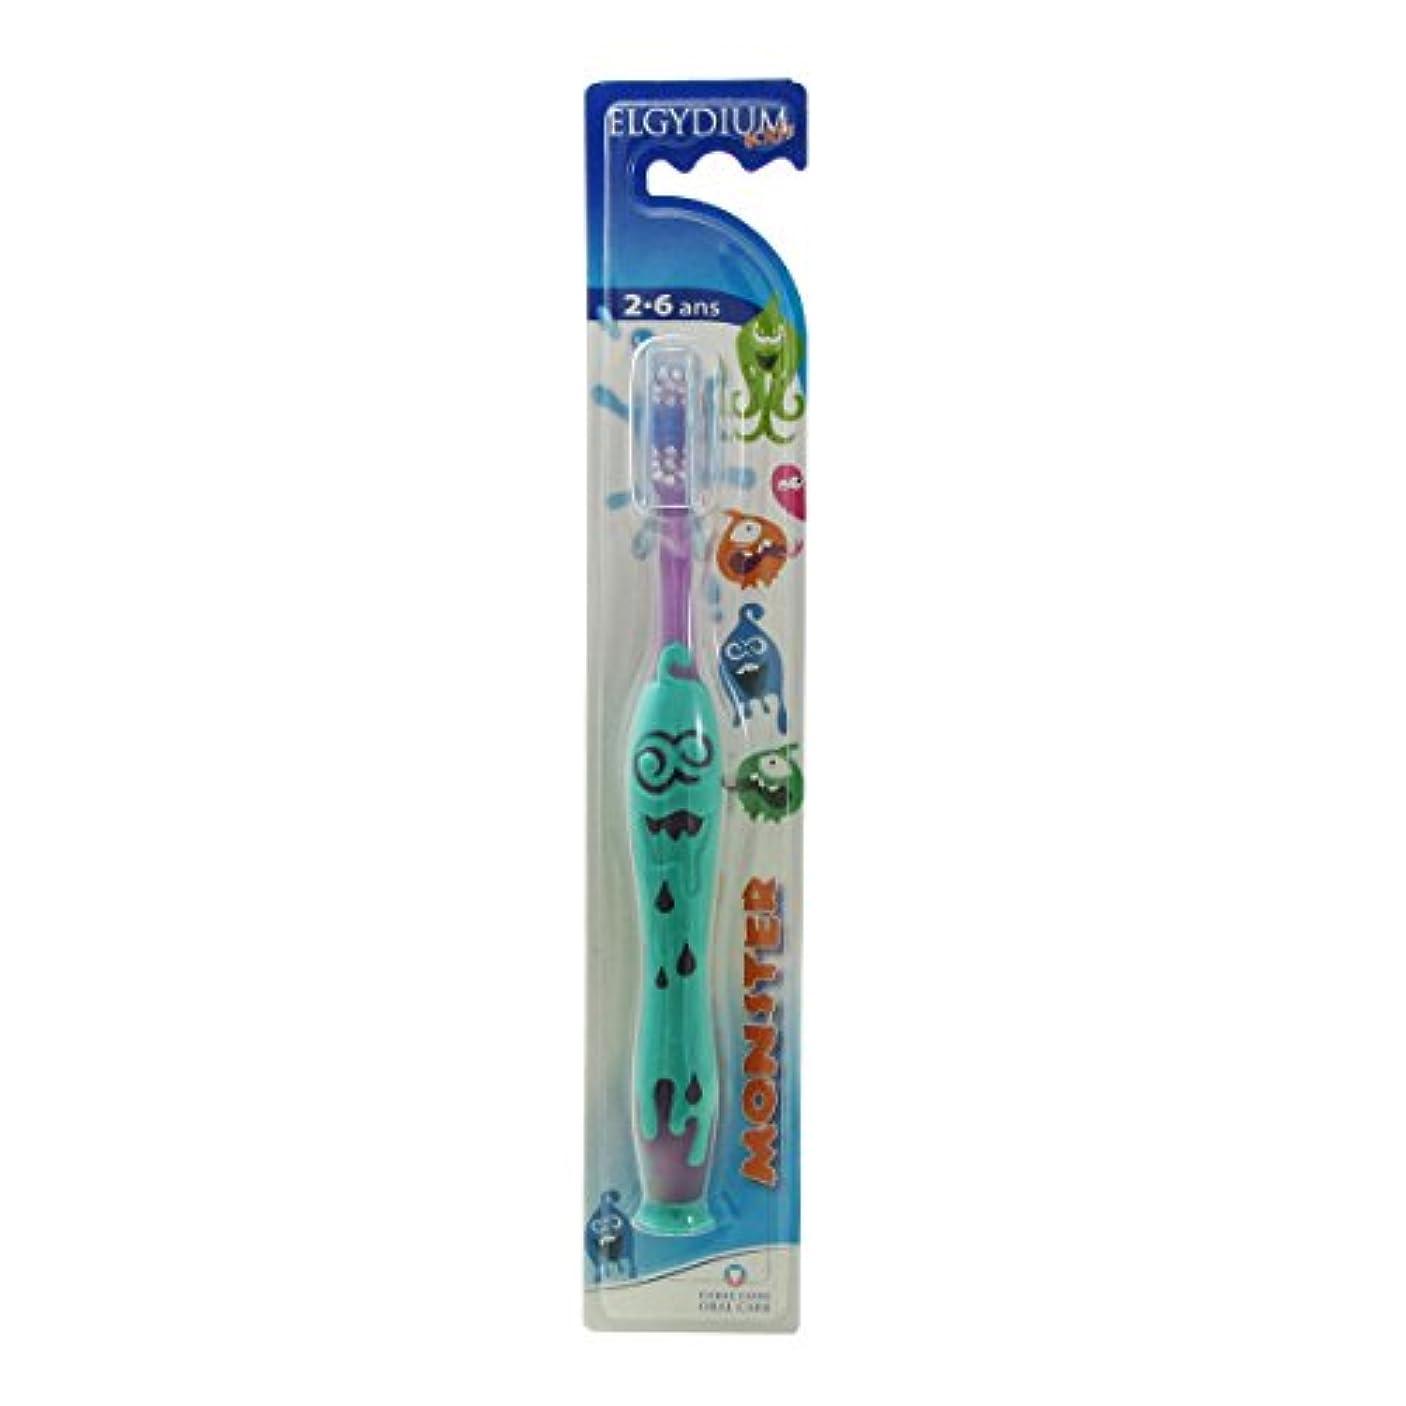 モールス信号防腐剤等Elgydium Kids Monster 2/6 Soft Toothbrush [並行輸入品]